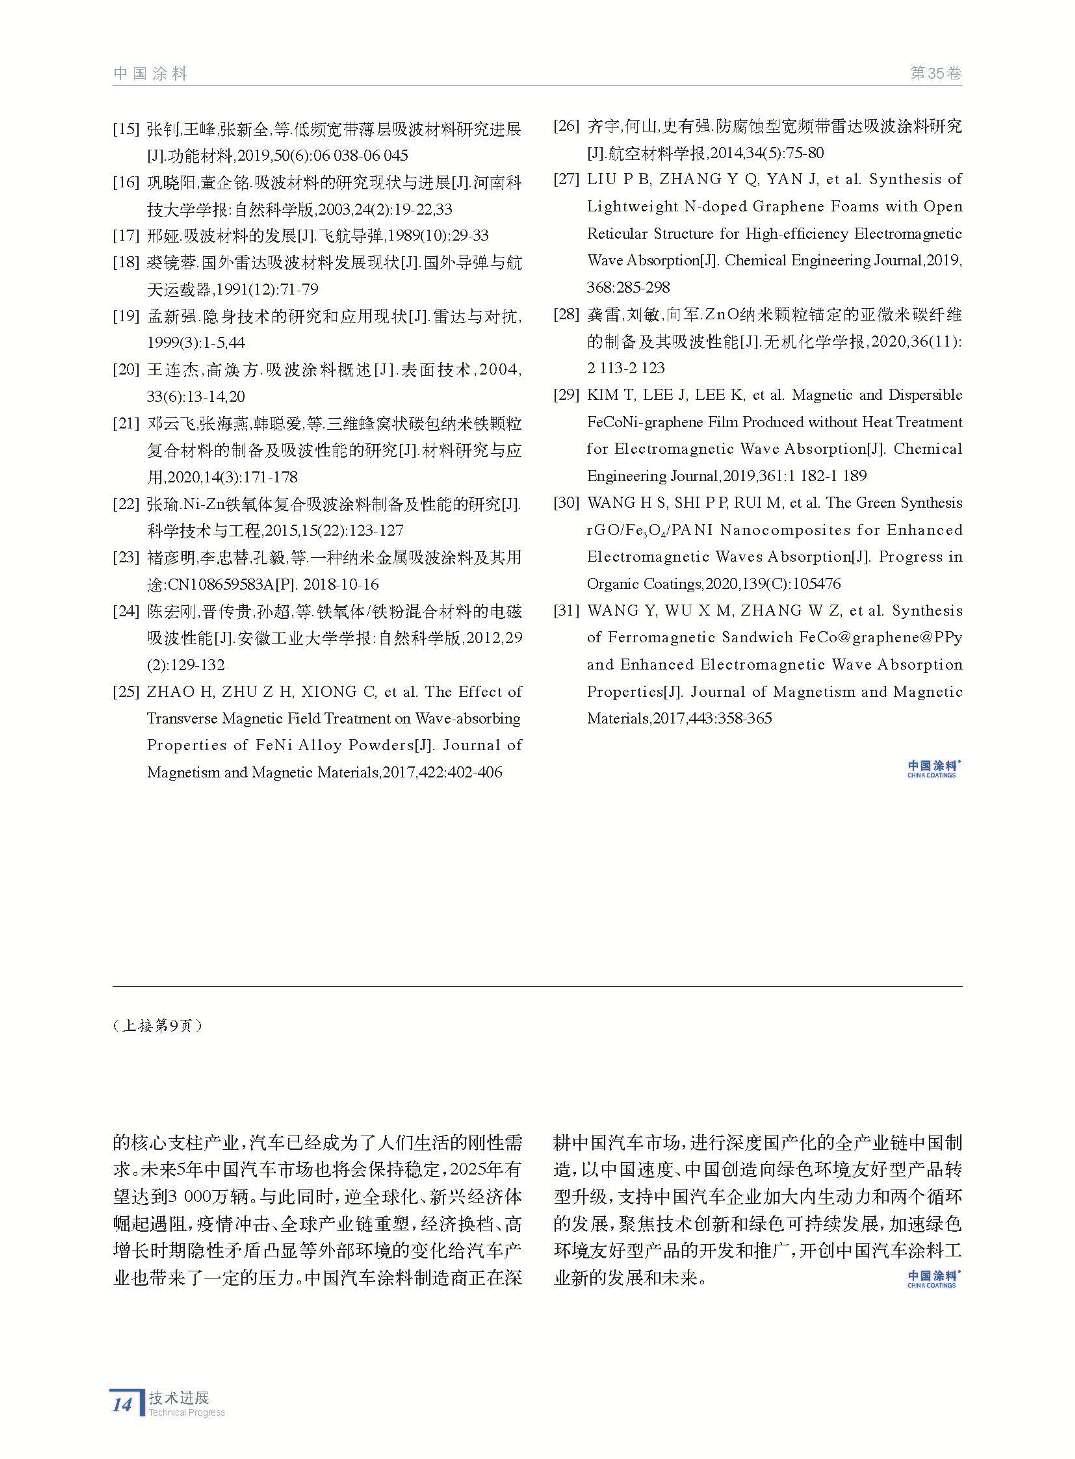 202012内文_页面_14.jpg